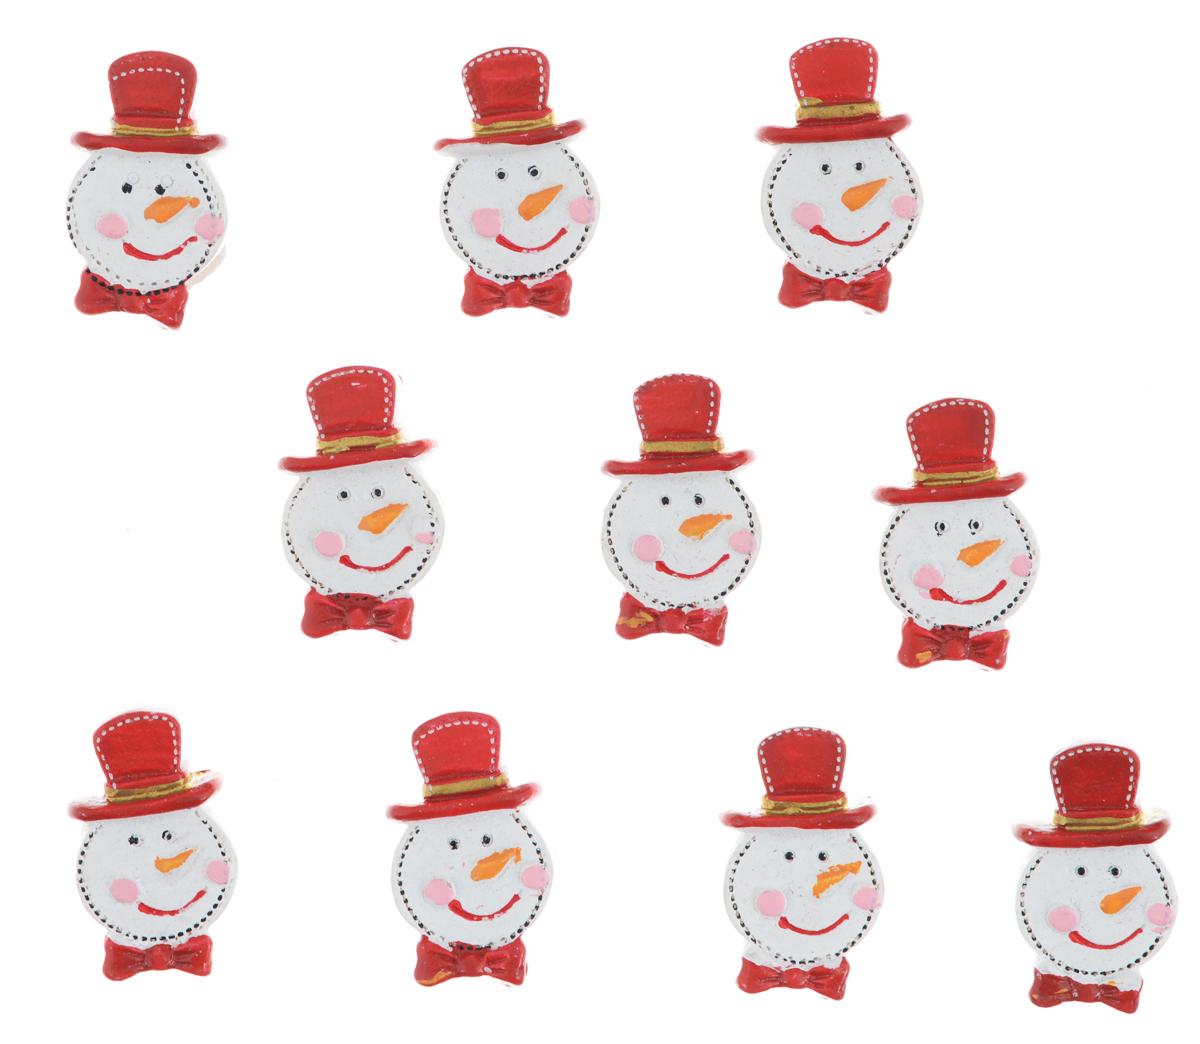 """Декоративные украшения Lunten Ranta """"Снеговик в шляпе"""" изготовлены из полирезина и прекрасно подойдут для декора любой поверхности. Их можно использовать для украшения фотоальбомов, подарков, конвертов и многого другого. В наборе - 10 украшений, которые крепятся к поверхности благодаря бумаге на клейкой основе с обратной стороны изделия.Творчество, рукоделие способно приносить массу приятных эмоций не только человеку, который этим занимается, но и его близким, друзьям, родным.Размер украшения: 3 см х 1.7 см х 0,8 см."""